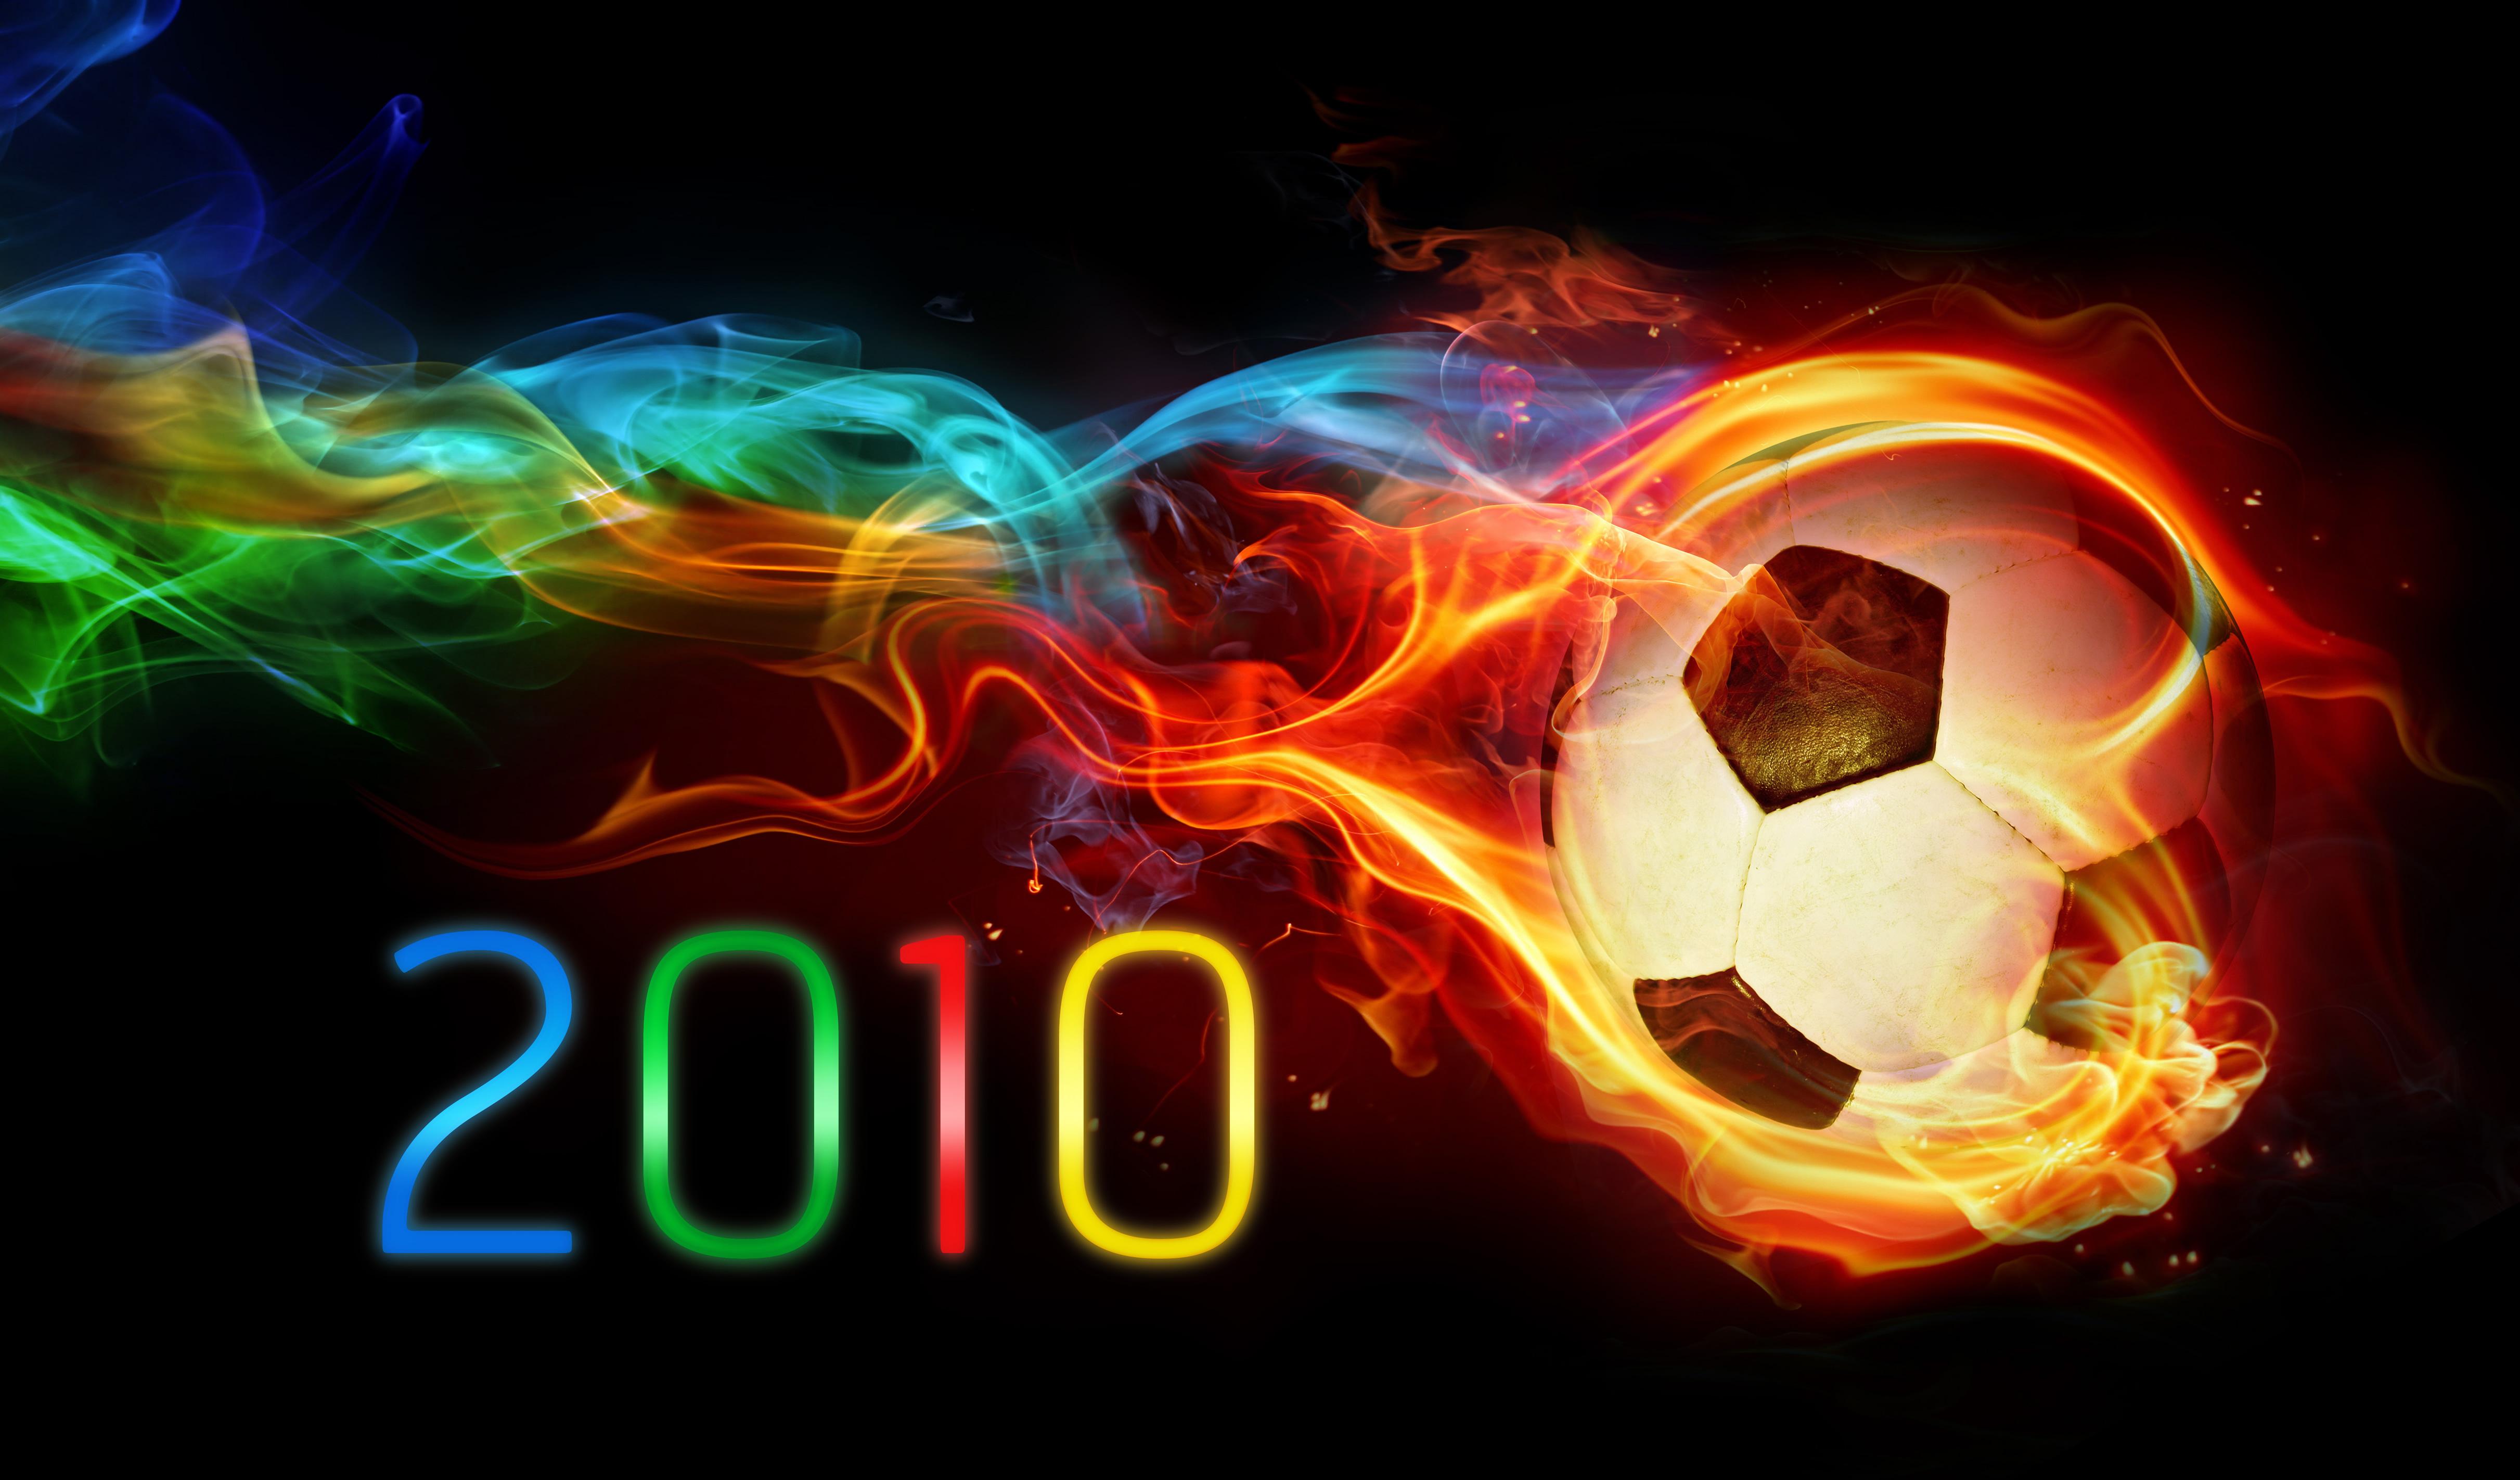 мяч, огонь, футбол, 2010, радуга, скачать фото